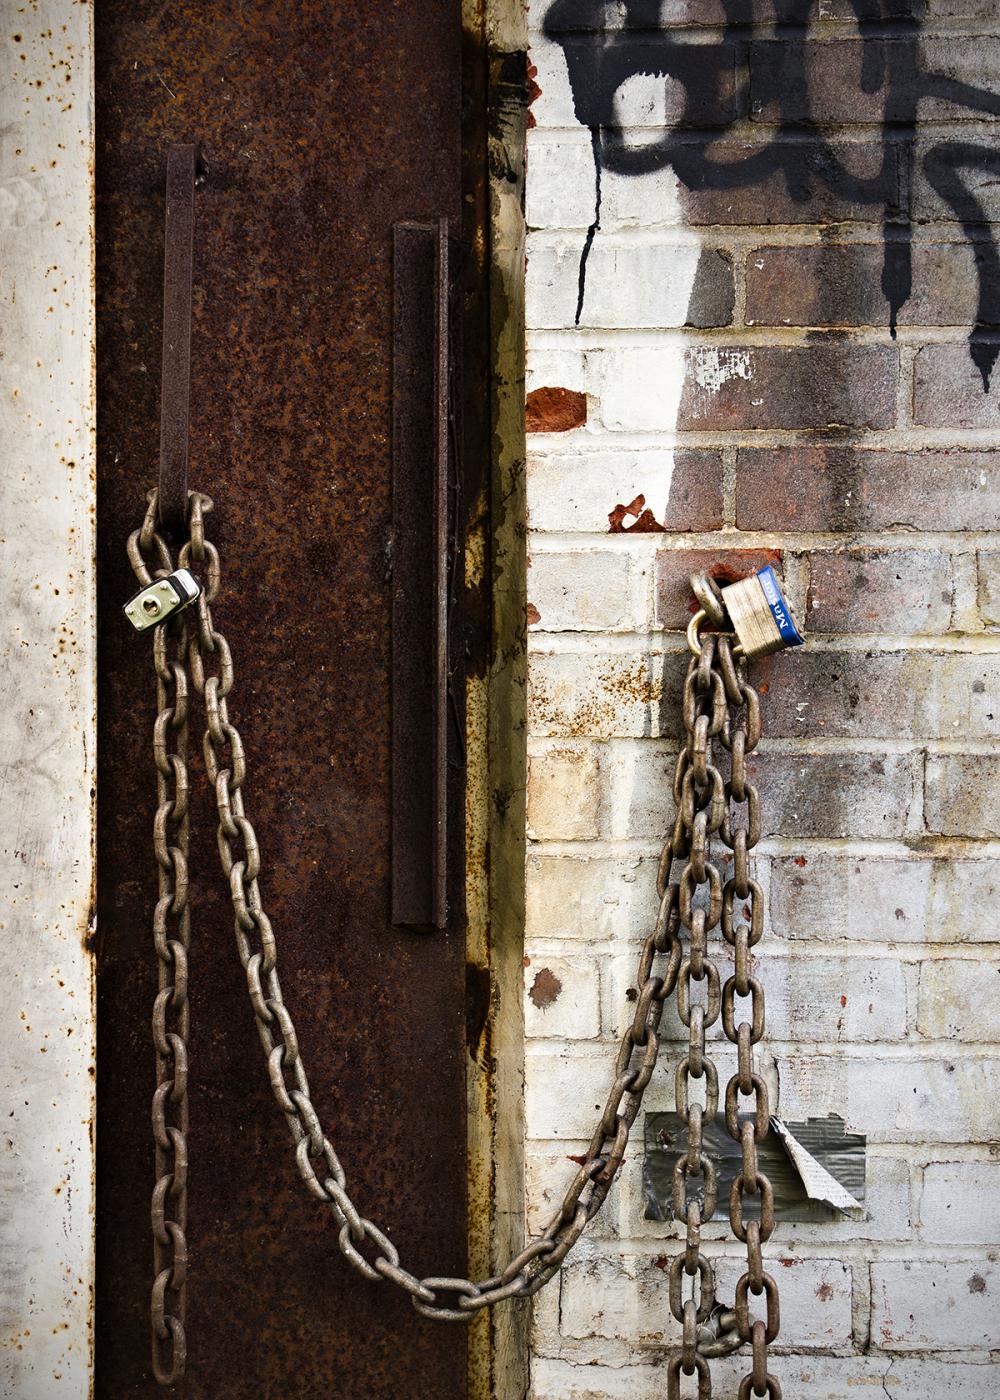 Chained door in Vermont